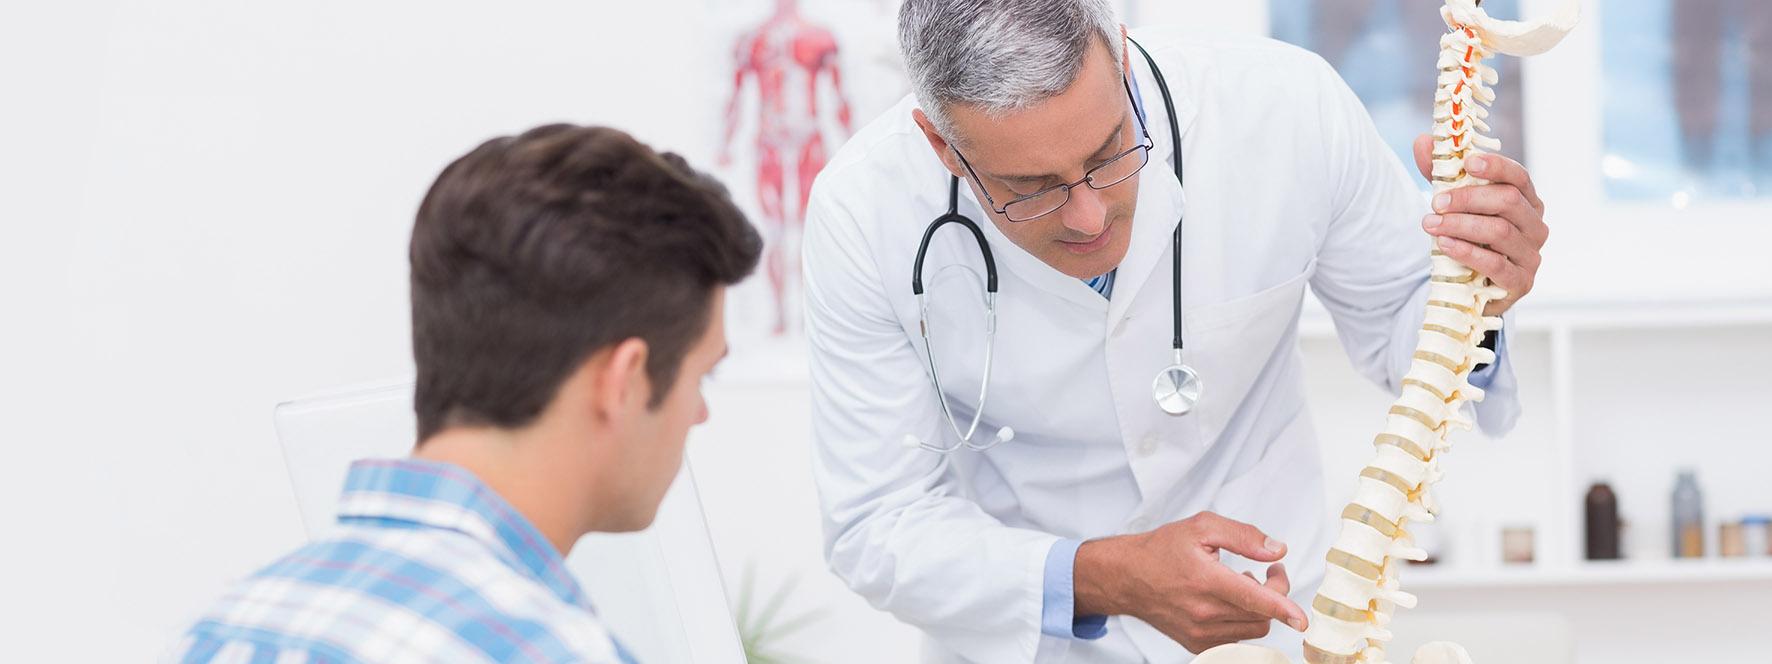 Was ist eine Querschnittslähmung?